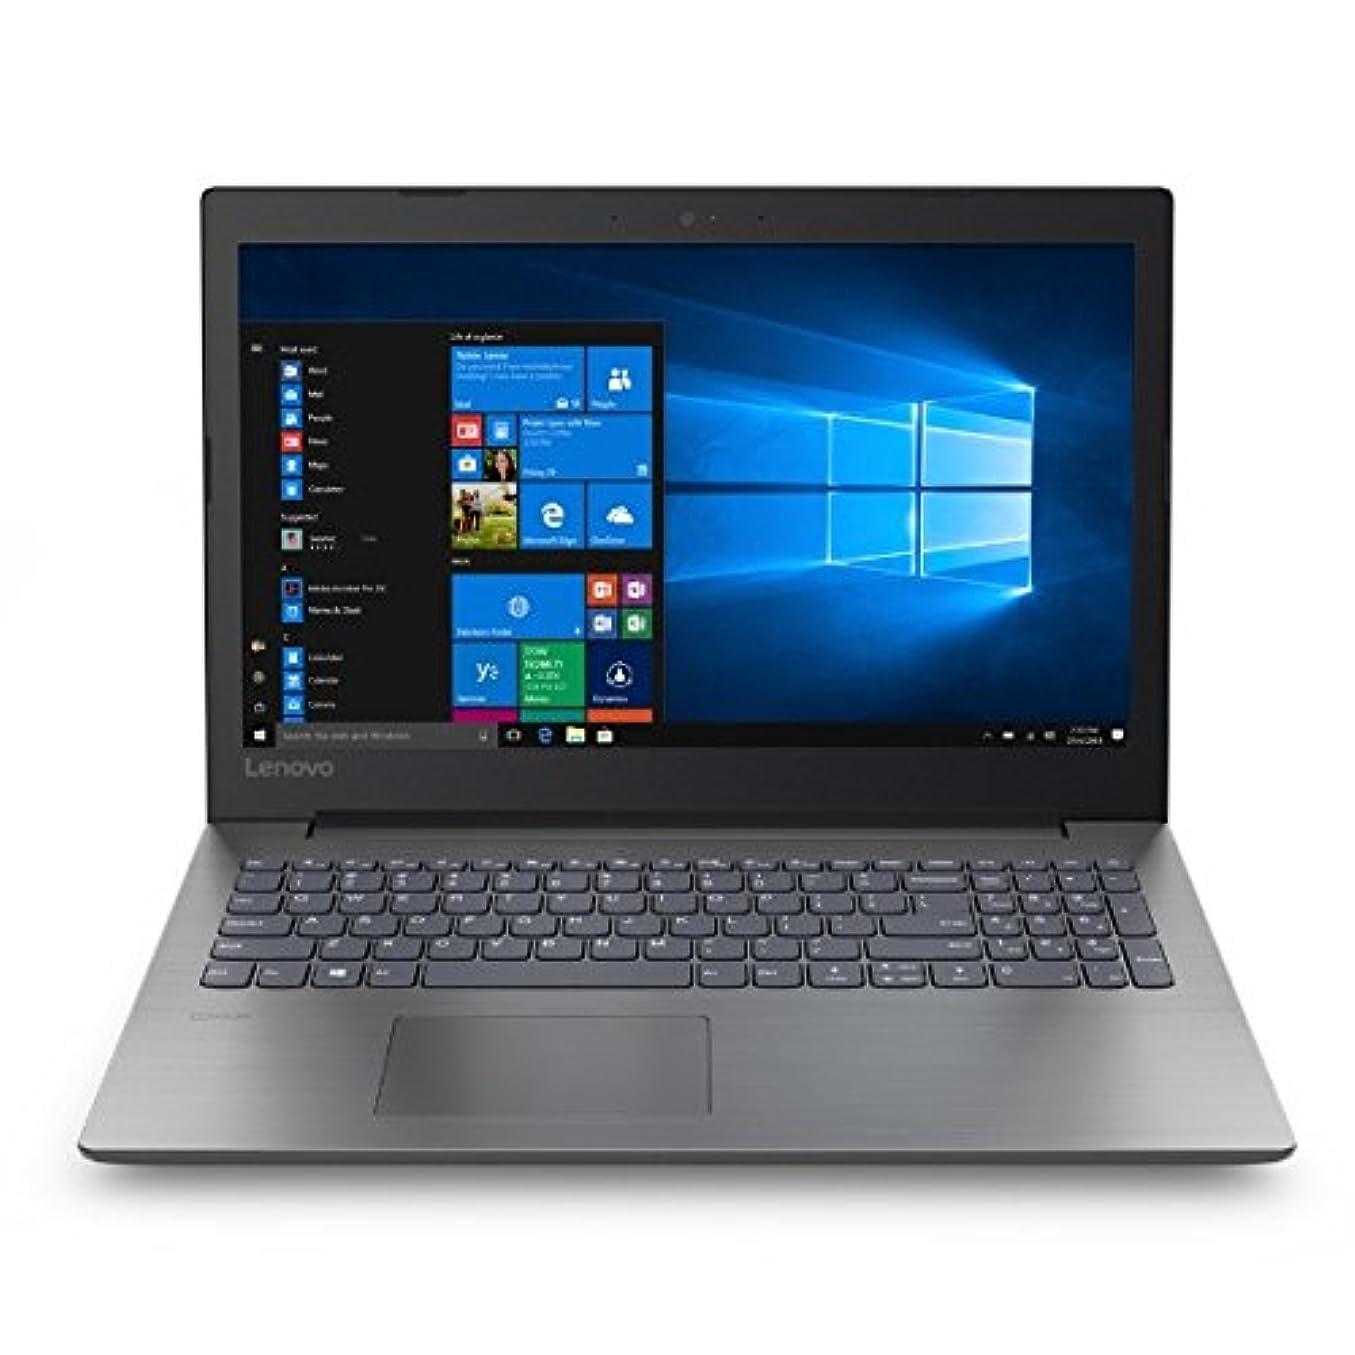 パイプライン送るストライドレノボ ノートパソコン Lenovo ideapad 330 オニキスブラック 81DE00J7JP